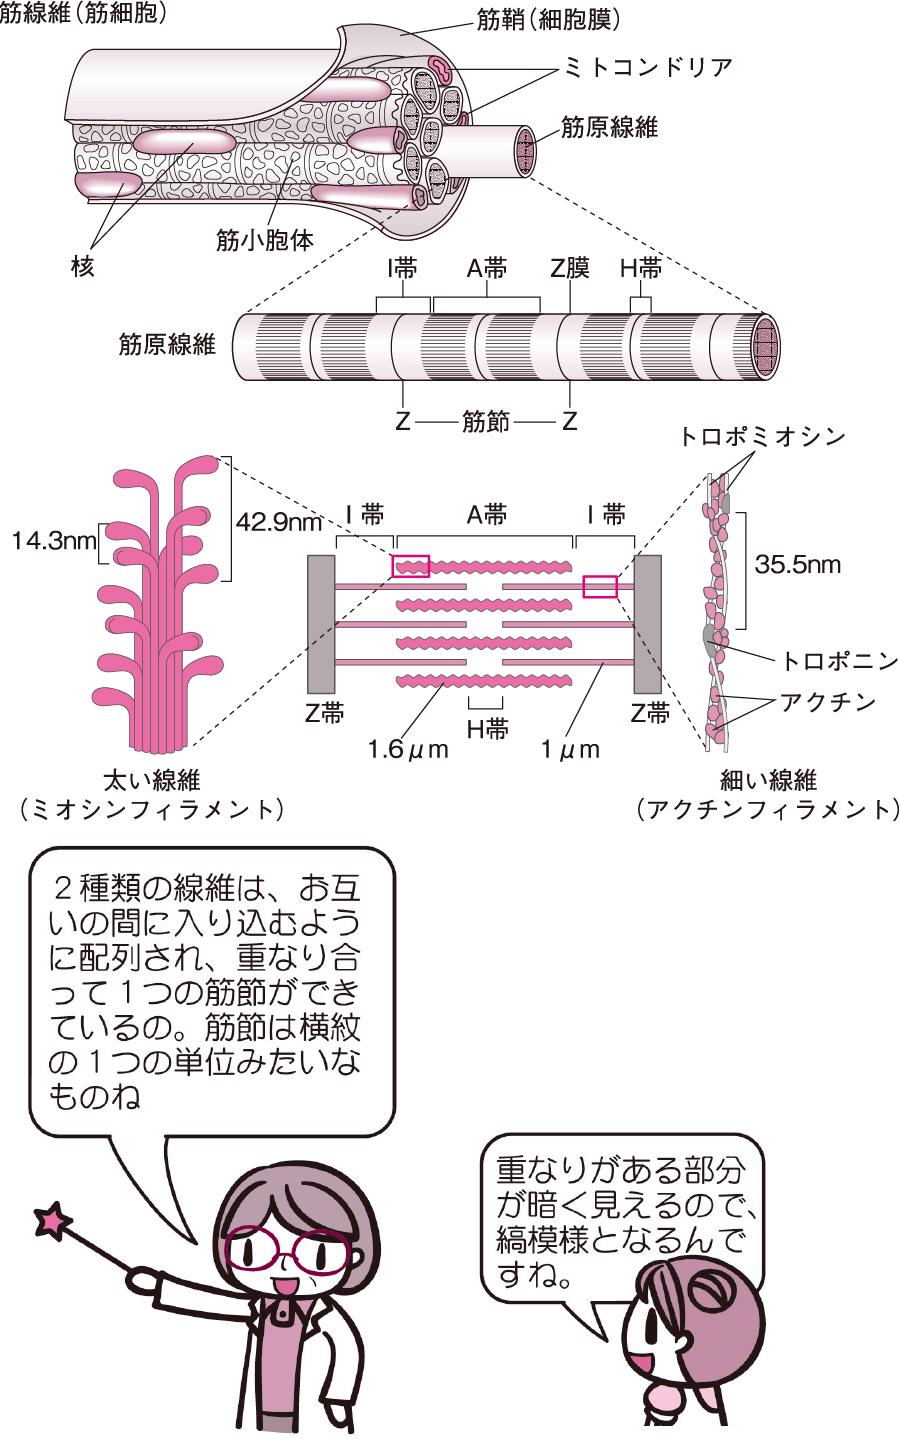 骨格筋の微細構造